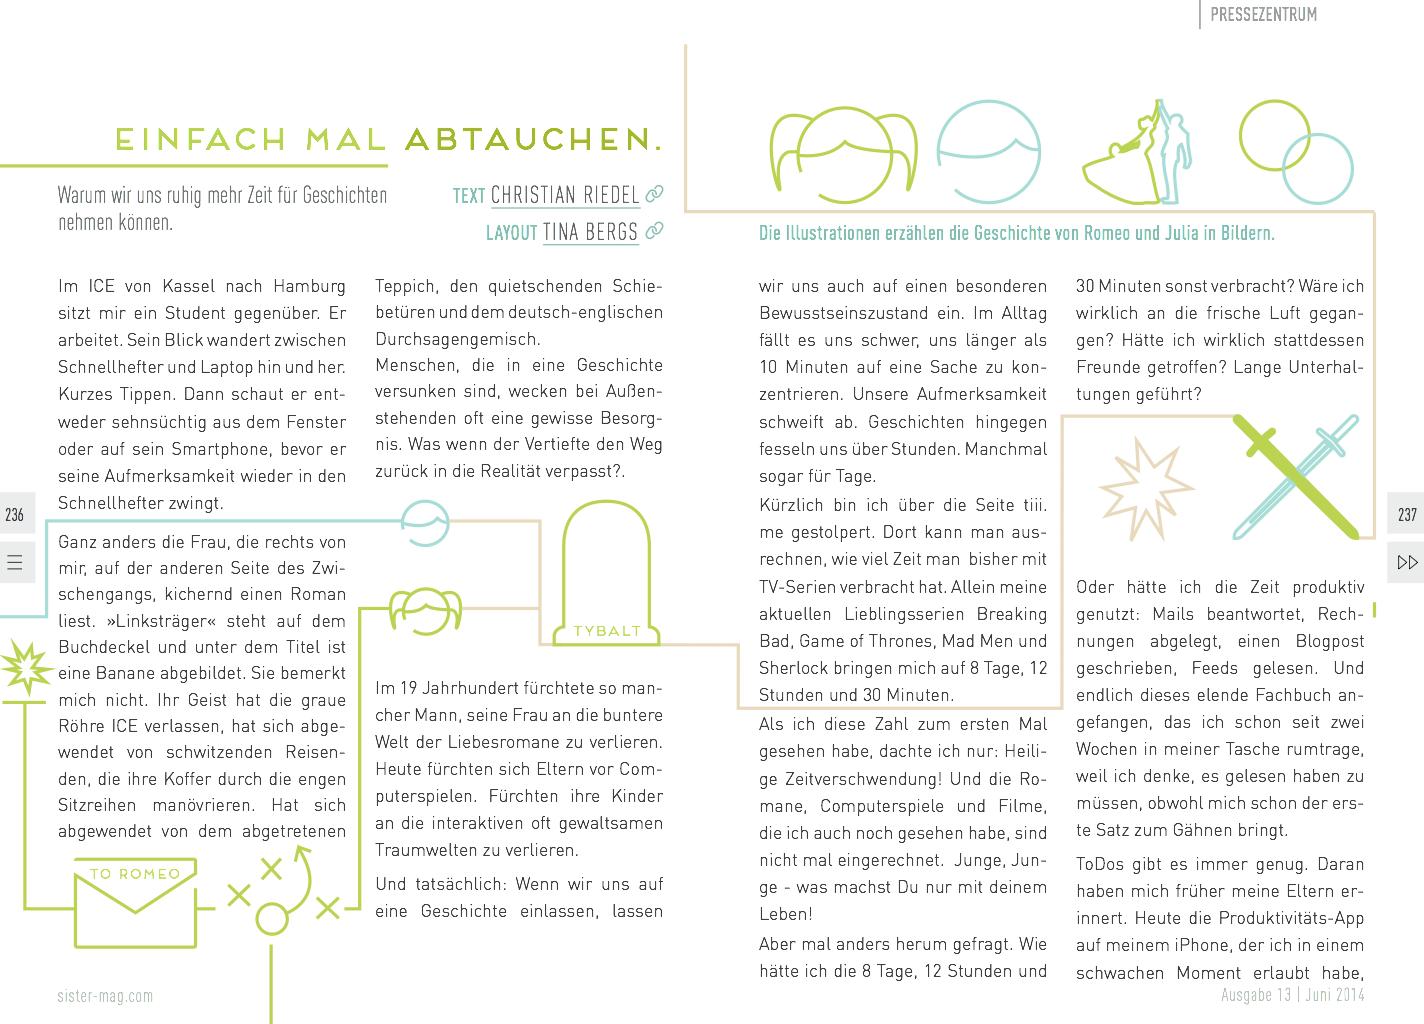 Essay über Abtauchen und Geschichten im Sister Mag.